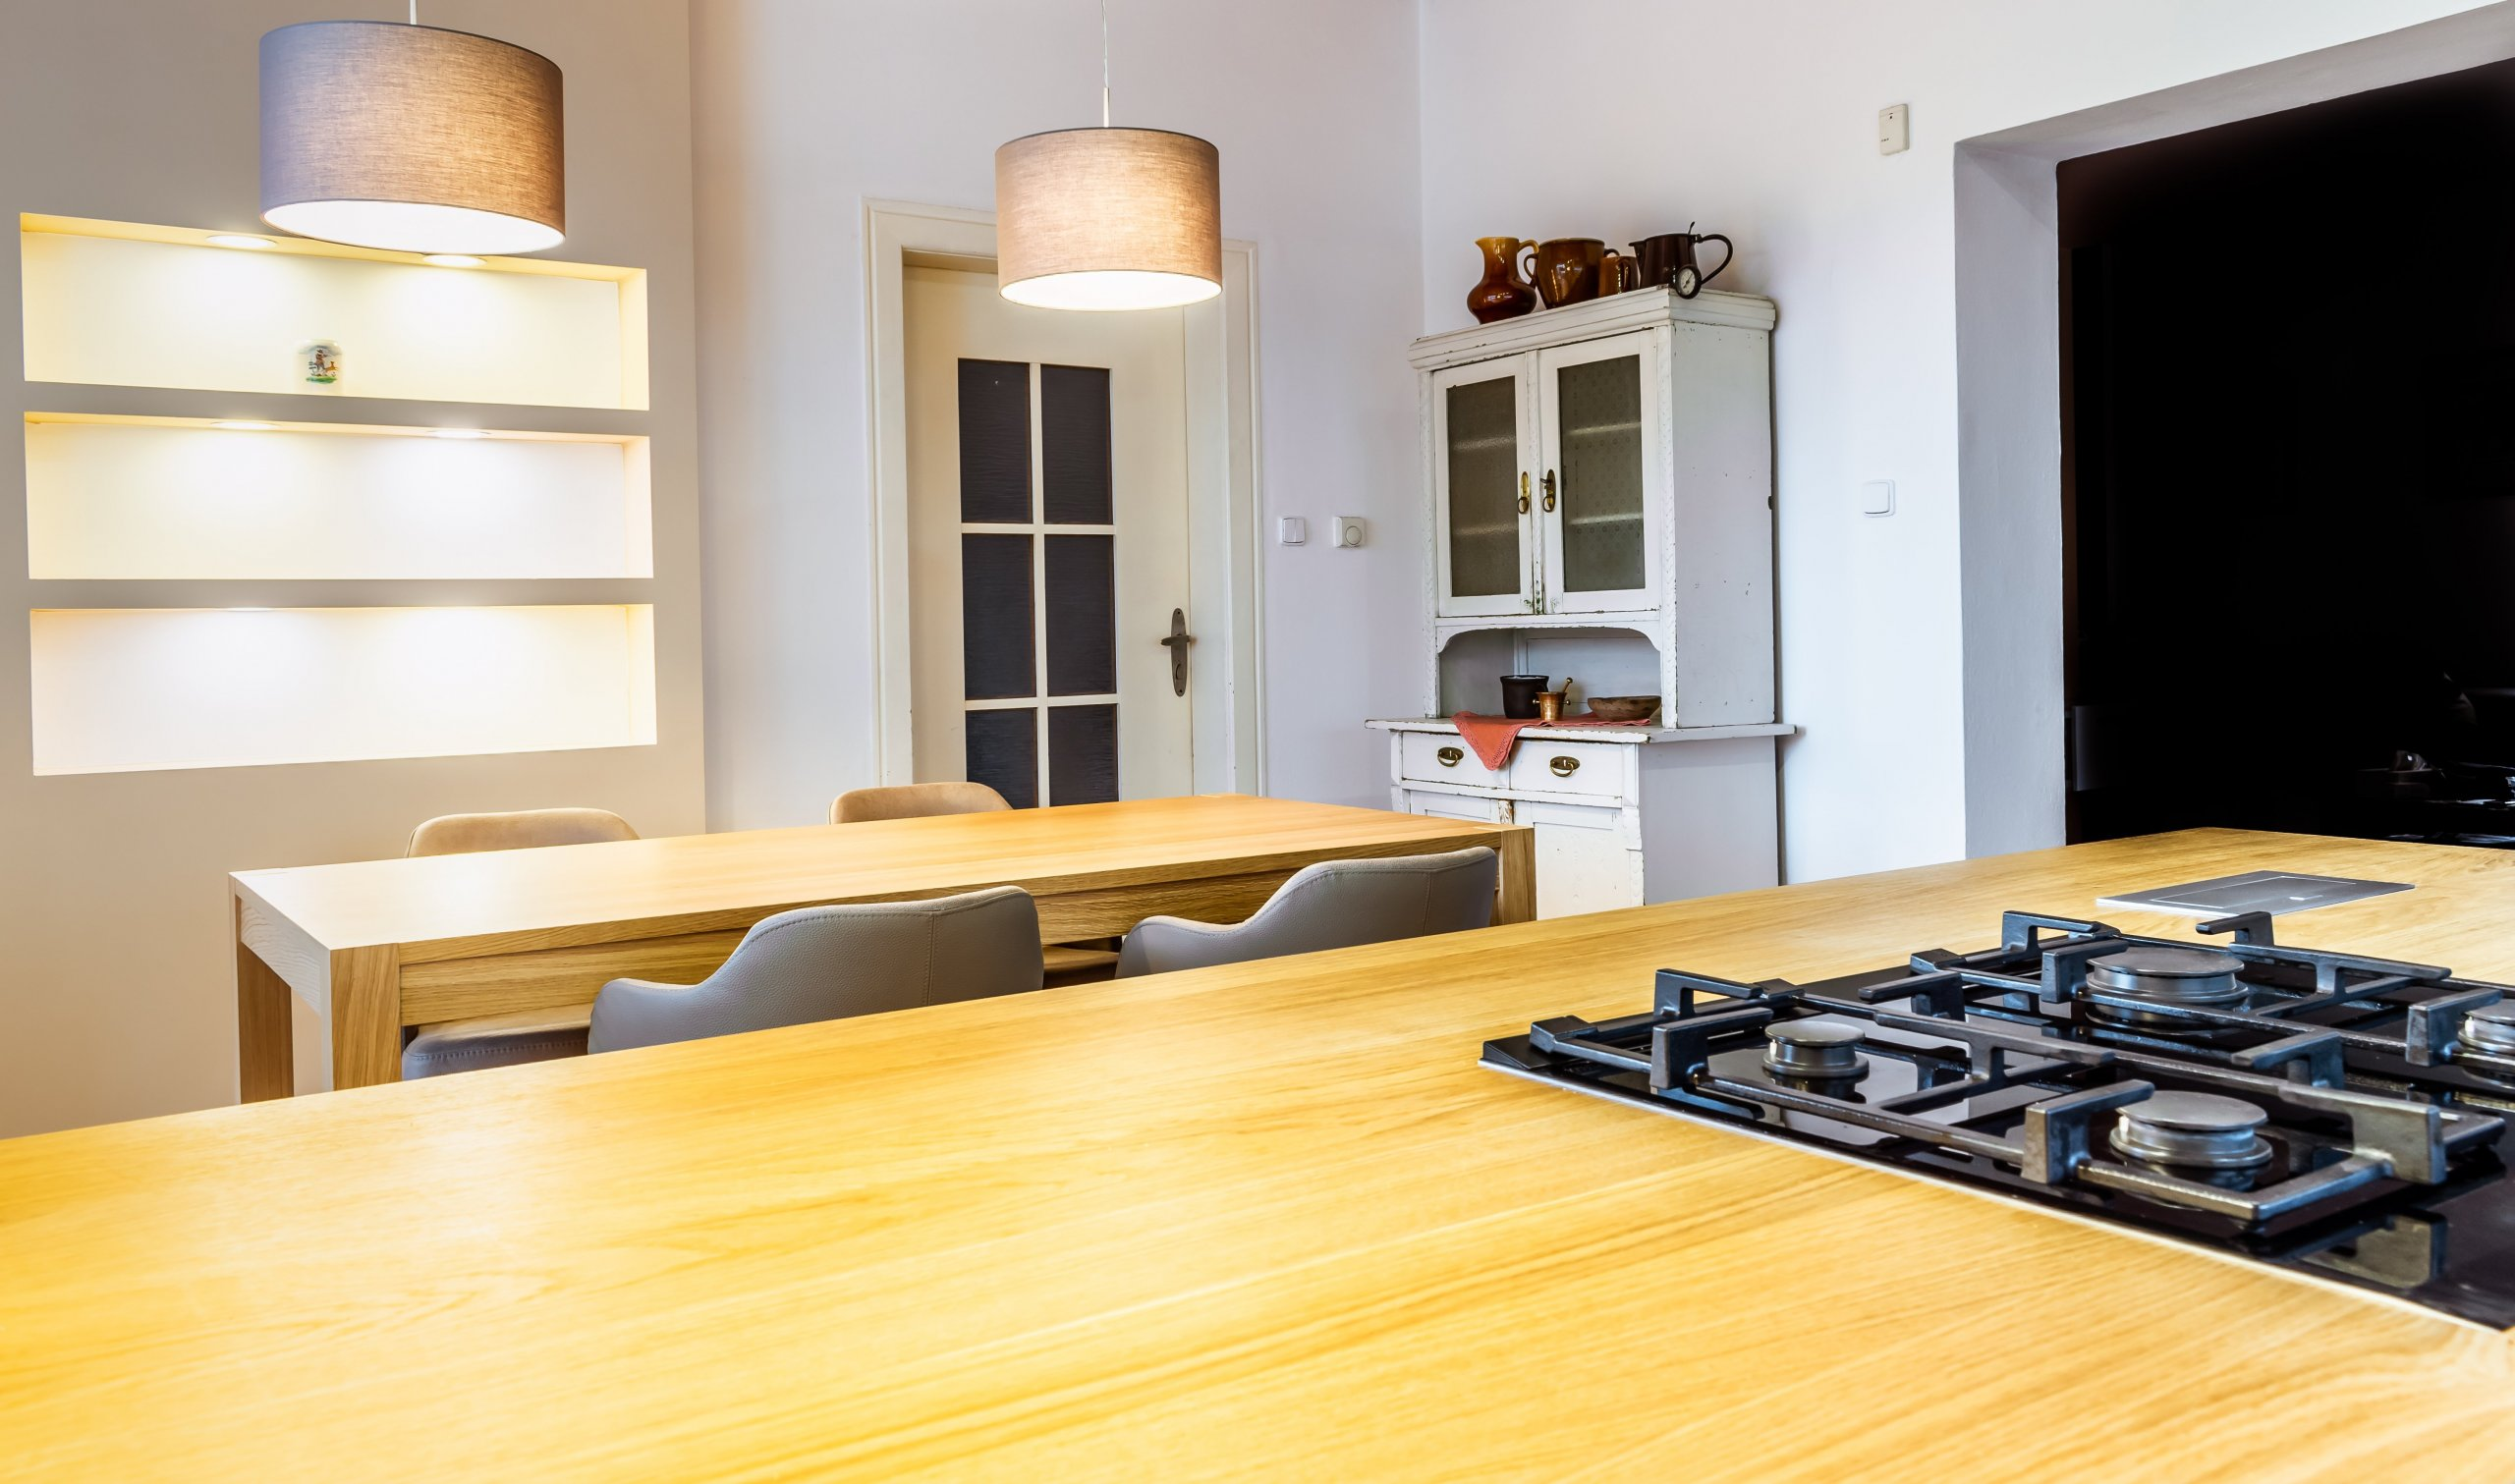 Kdo se rozhodne pro kompletní rekonstrukci kuchyně, čeká ho stejné množství práce, jako přinové počáteční stavbě. Vlastně možná ještě víc, protože je…